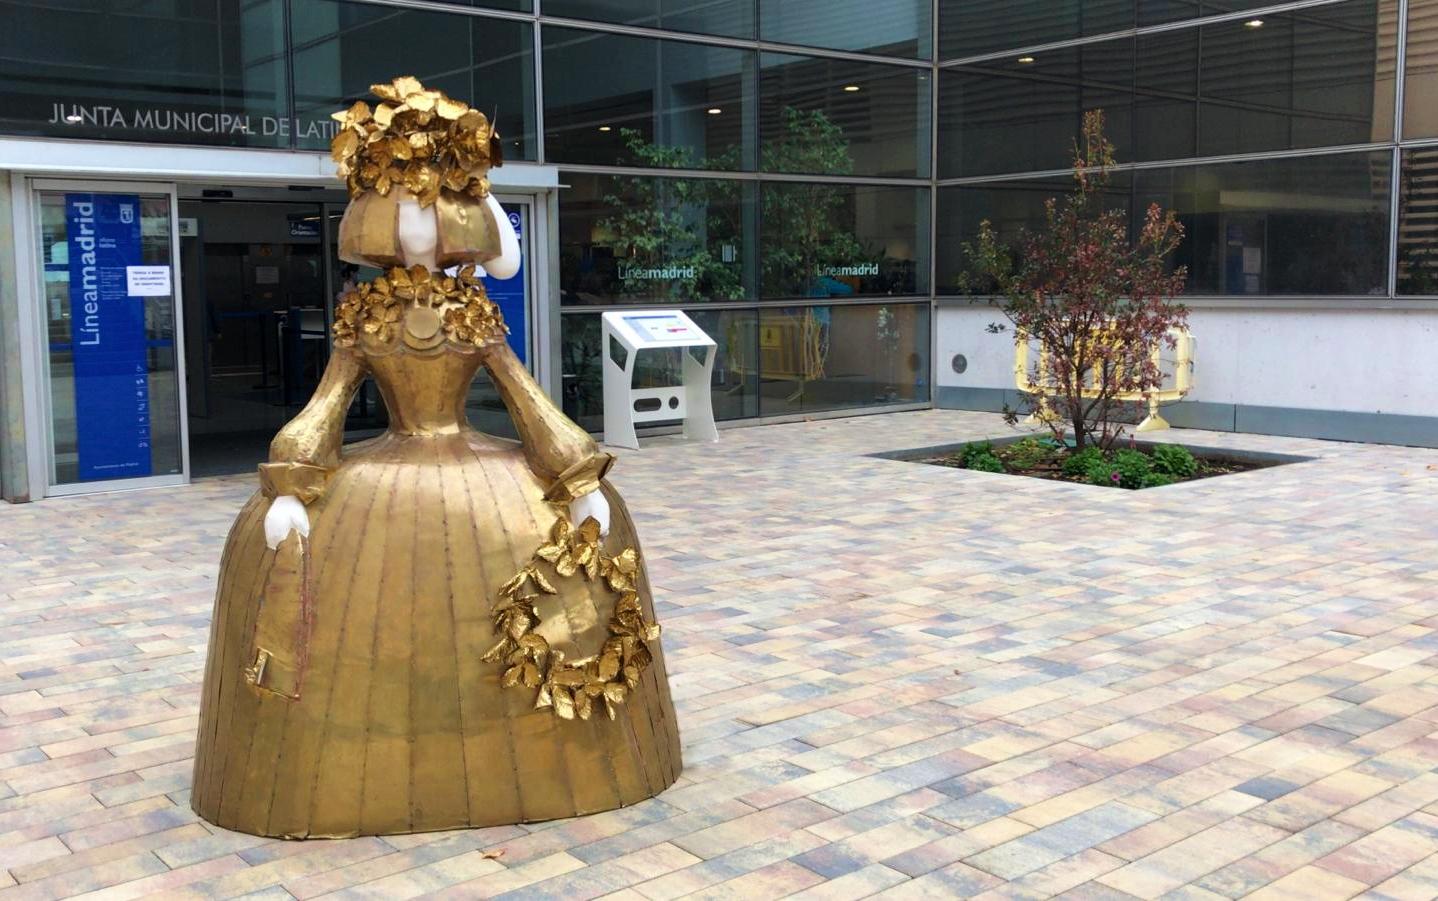 Menina Lady in gold en la entrada de la Junta de Latina